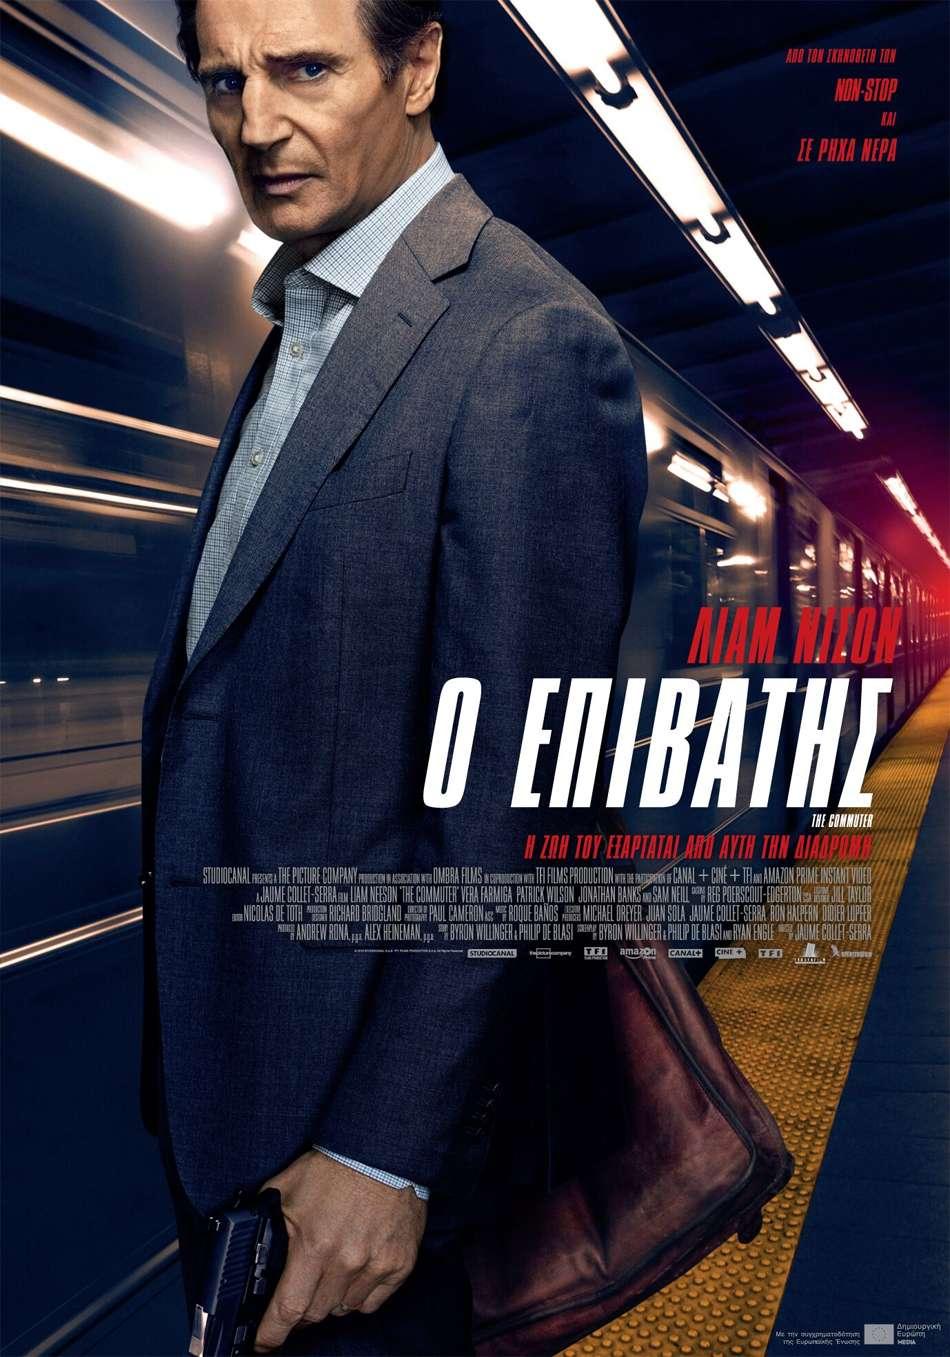 Ο Επιβάτης (The Commuter) Poster Πόστερ